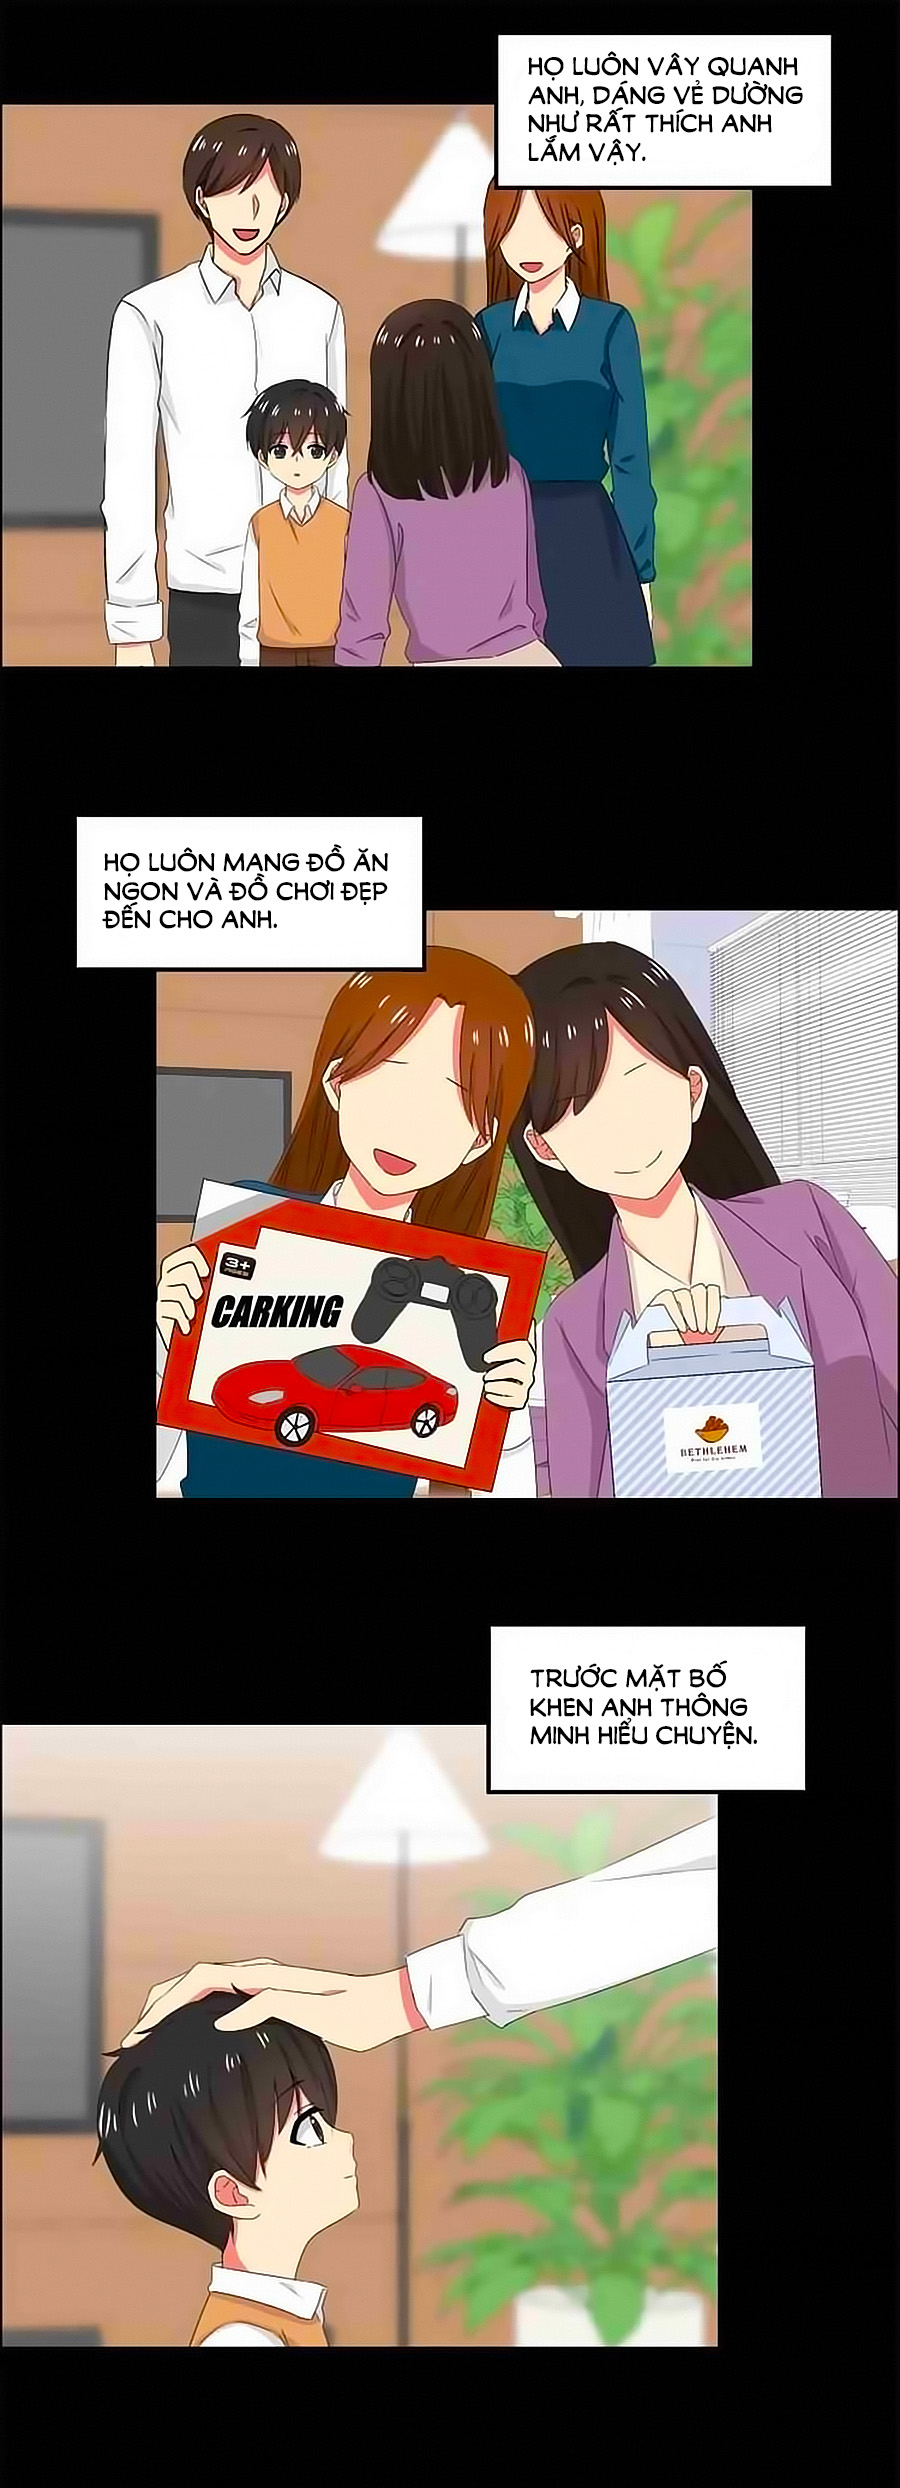 Đại Thần Tình Yêu Chớ Chạm Tôi Chap 50 Upload bởi Truyentranhmoi.net